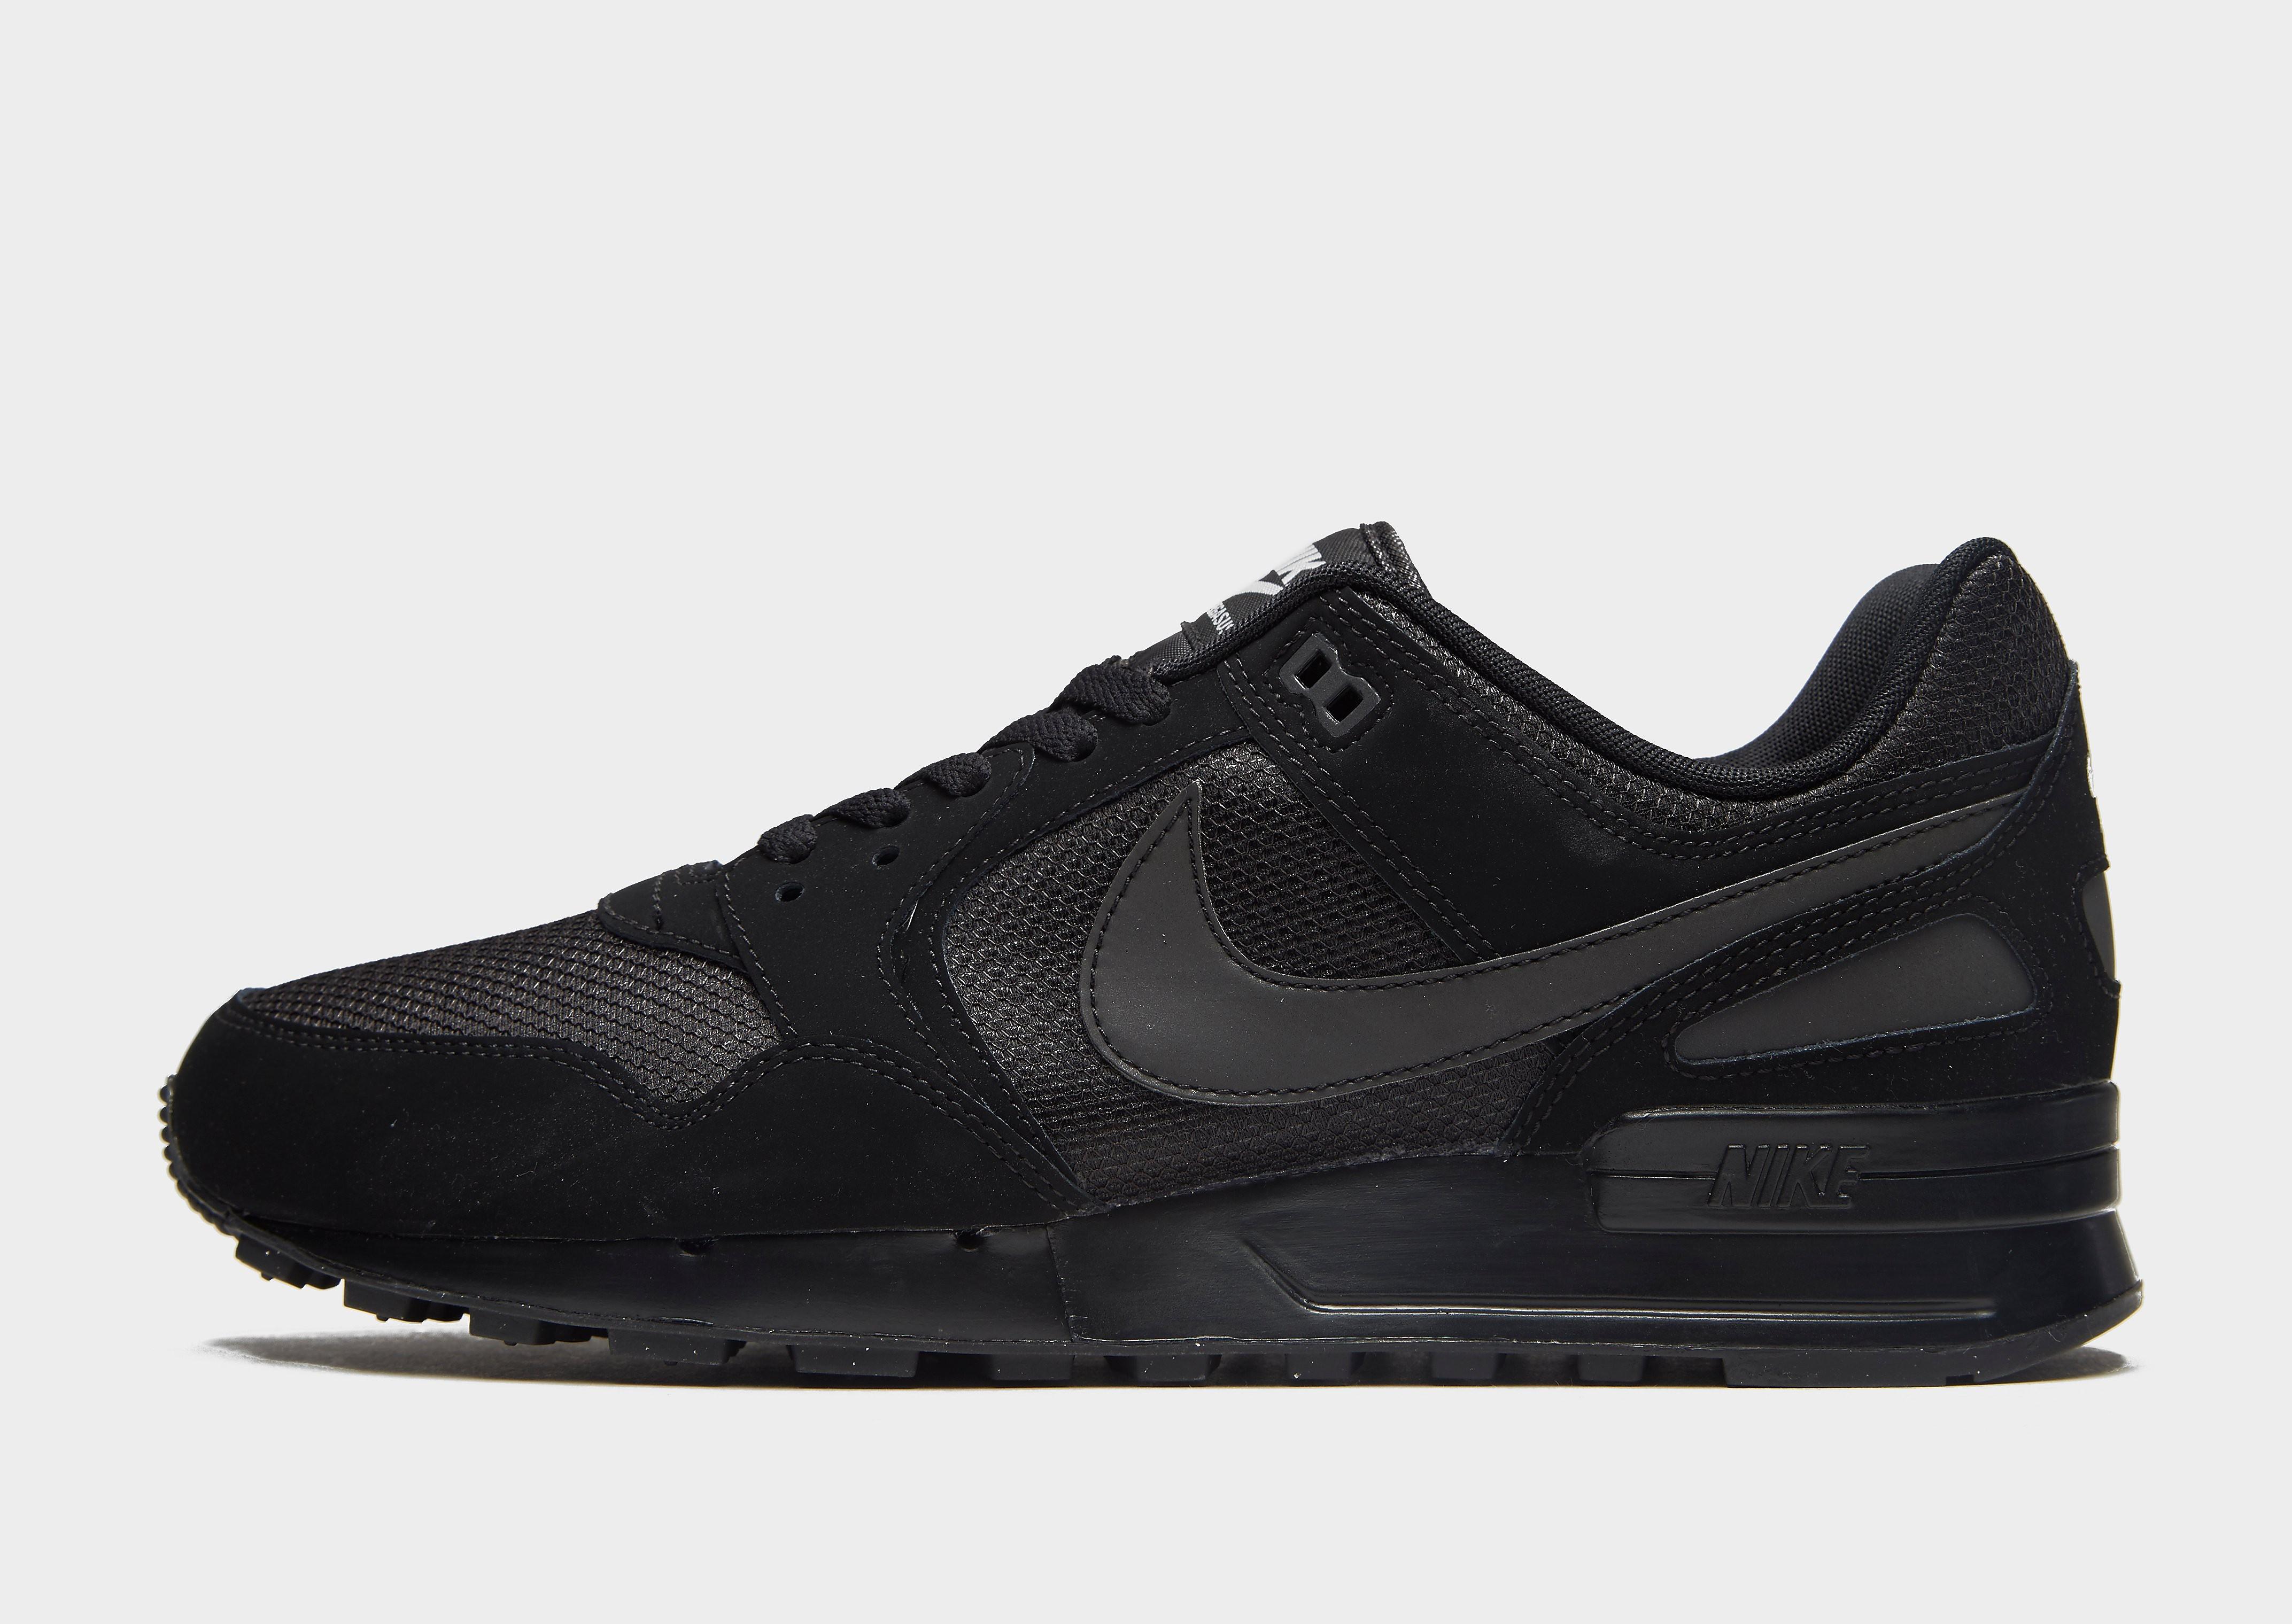 Precios de sneakers Nike Pegasus 89 baratas - Ofertas para comprar ... 4af66a7dd897b